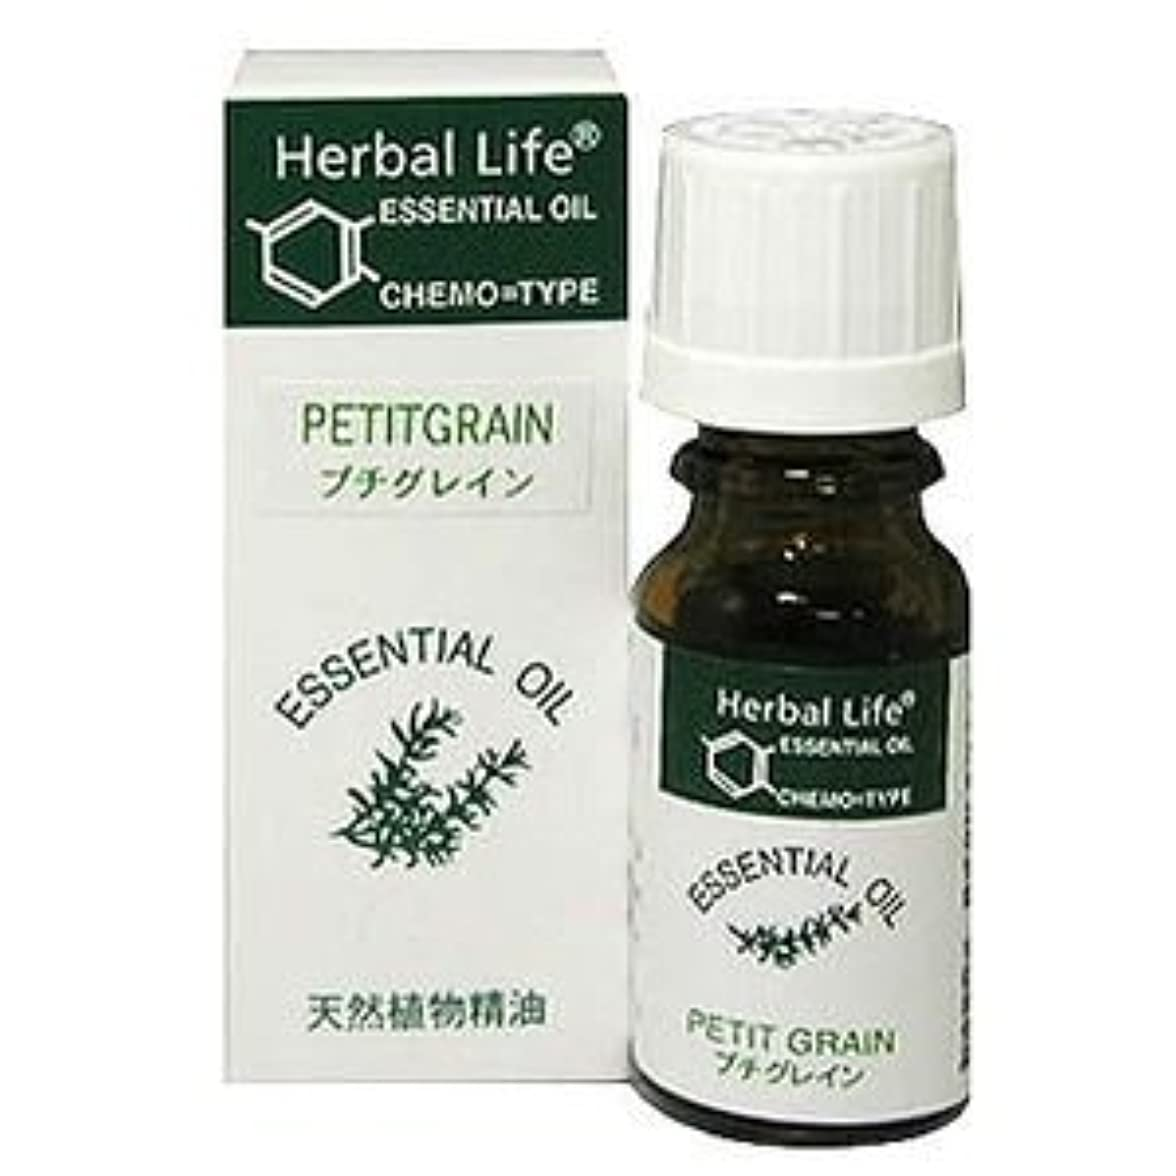 時計回り一口付属品Herbal Life プチグレン 10ml